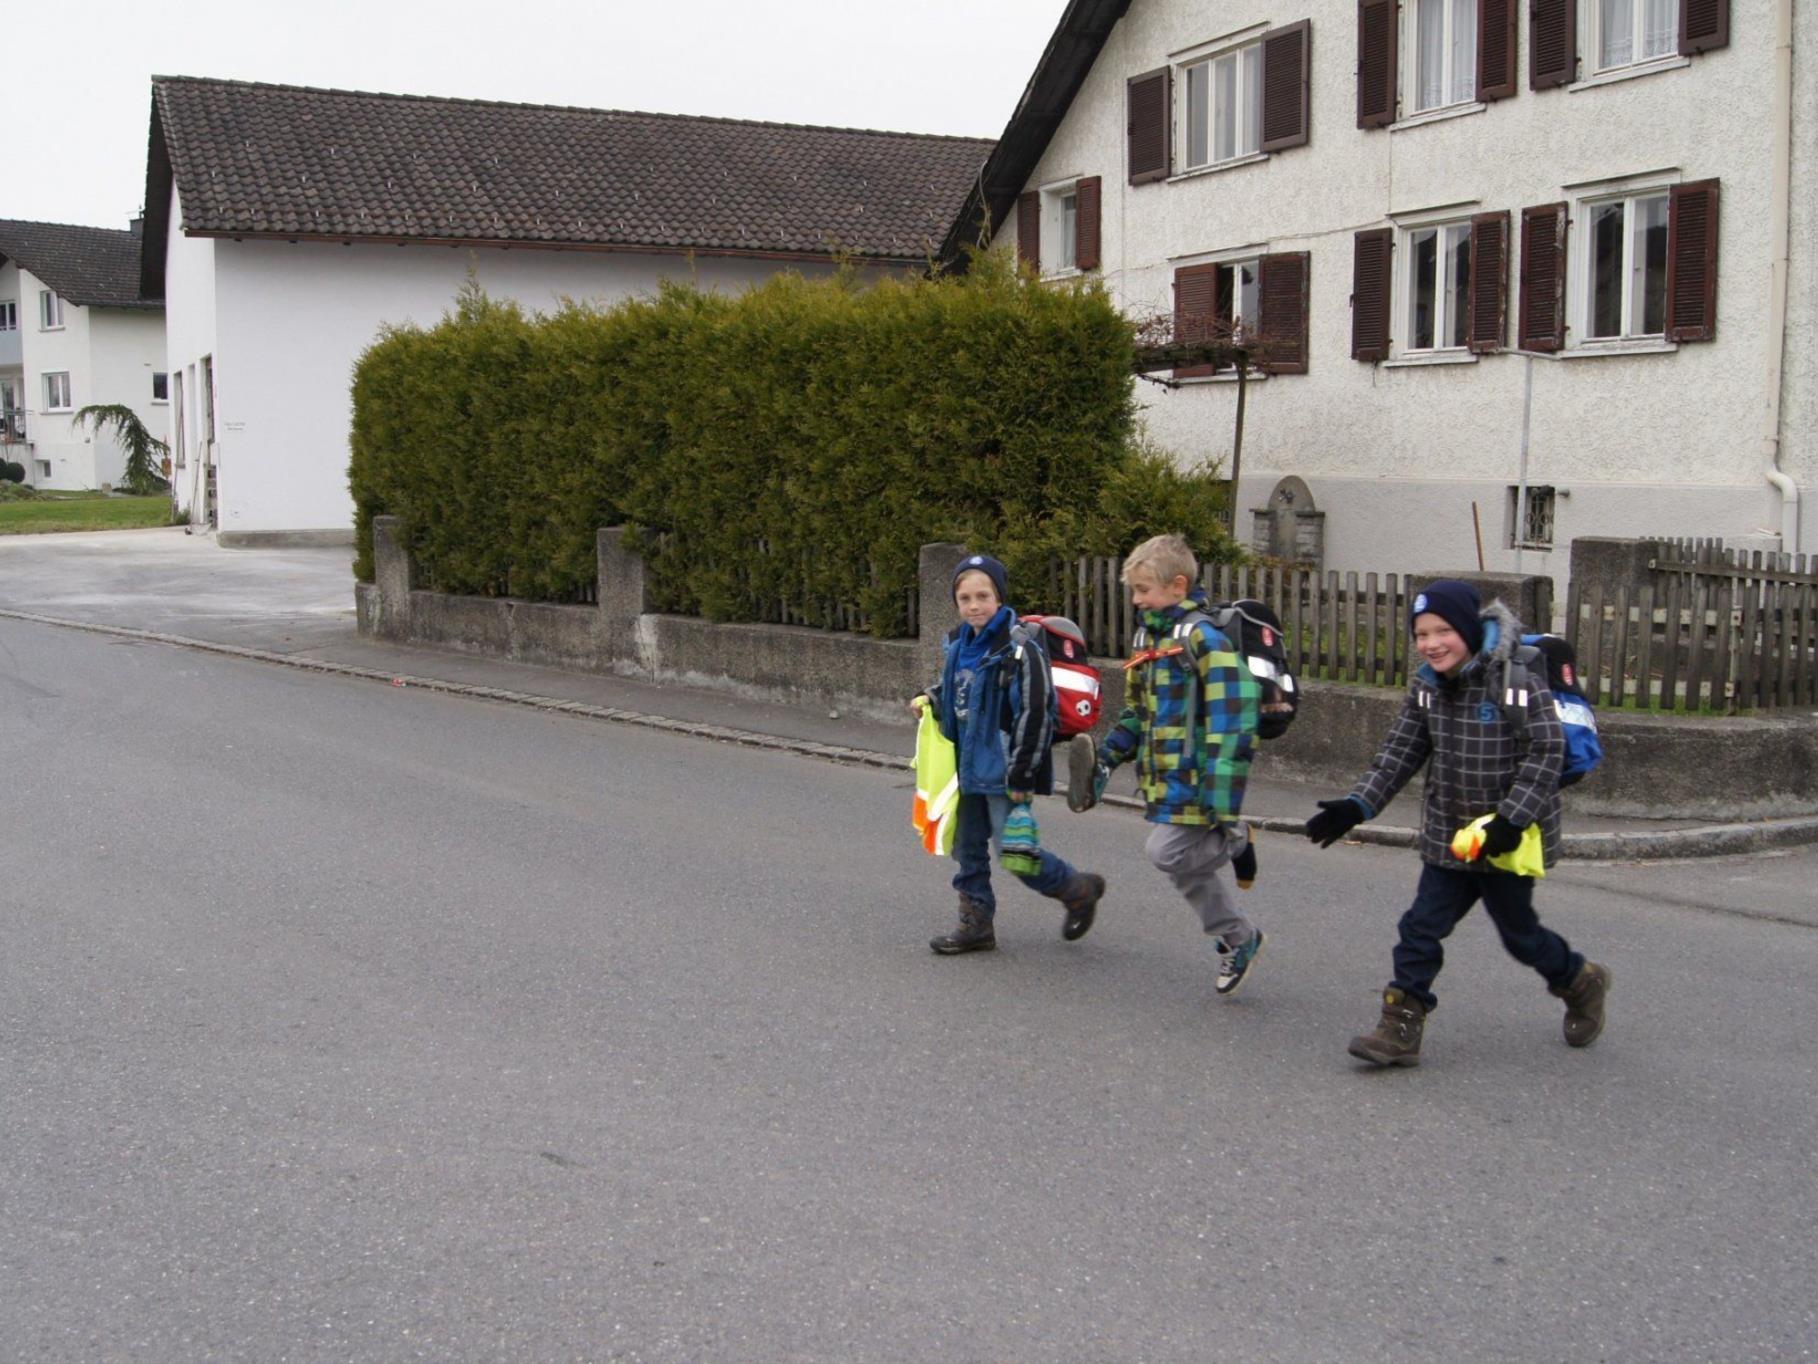 Schulkinder im oberen Teil müssen täglich die Straße ohne einen Schutzweg überqueren.